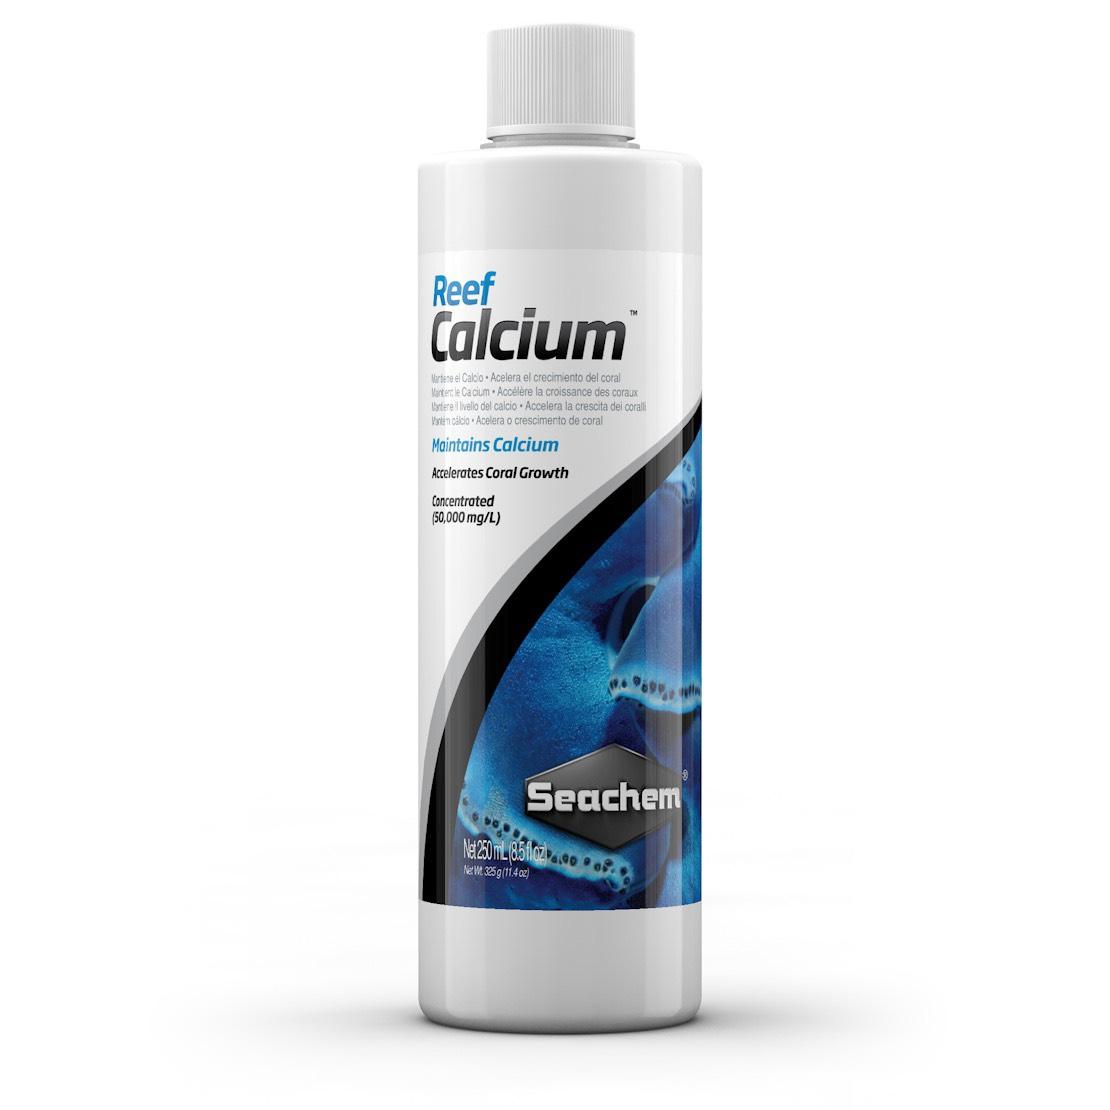 Seachem Reef Calcium Aquarium Supplement, 250-mL